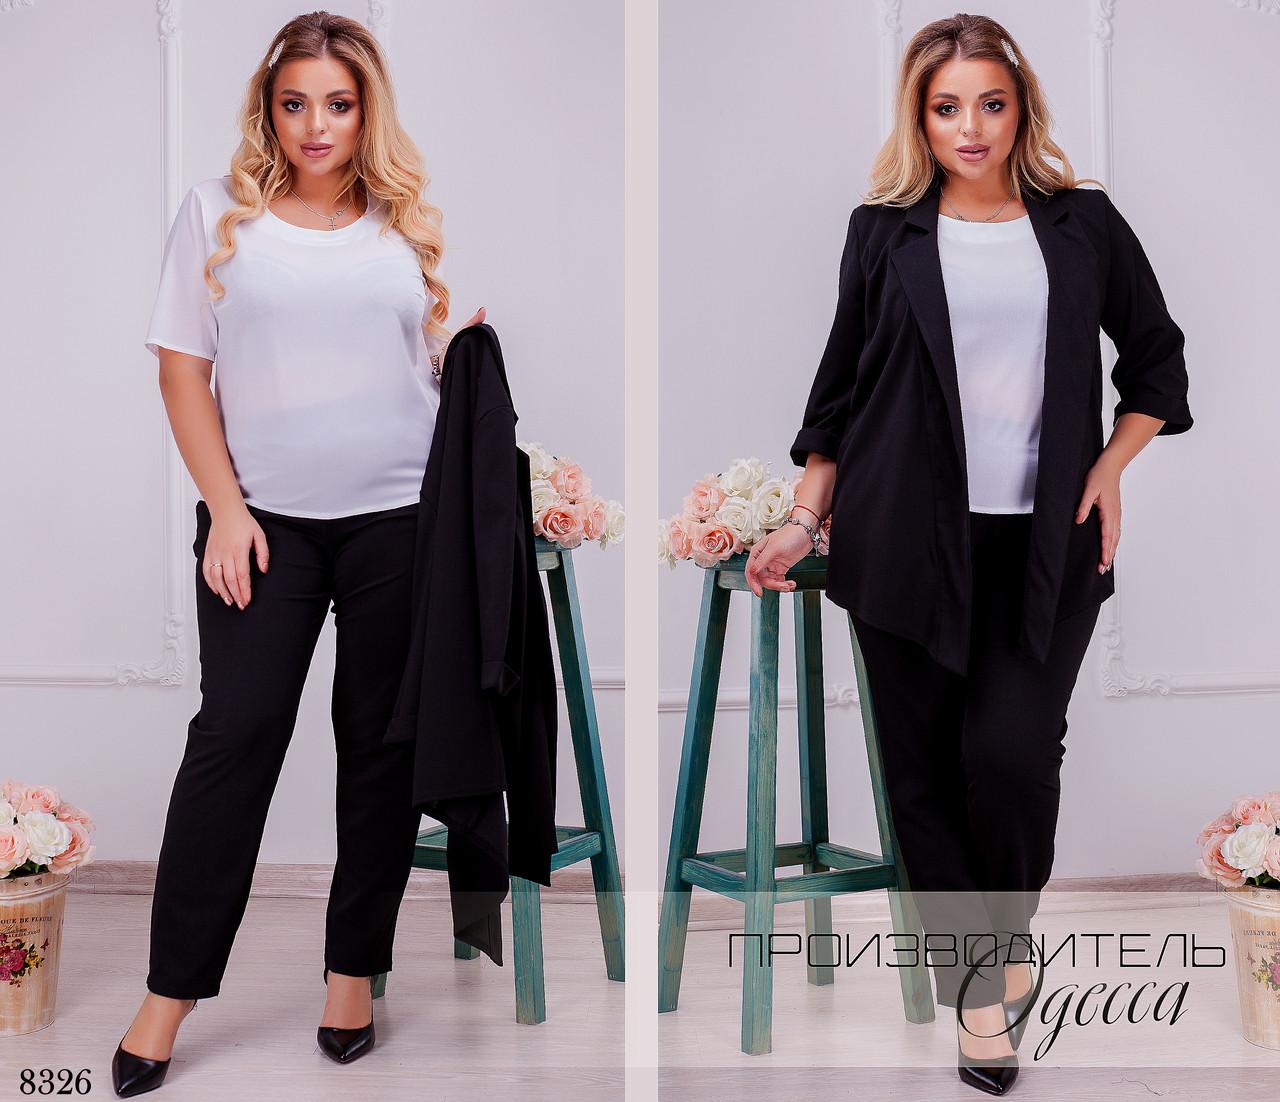 Женский костюм классический пиджак удлинённый+футболка+брюки костюмка 50-52,54-56,58-60,62-64